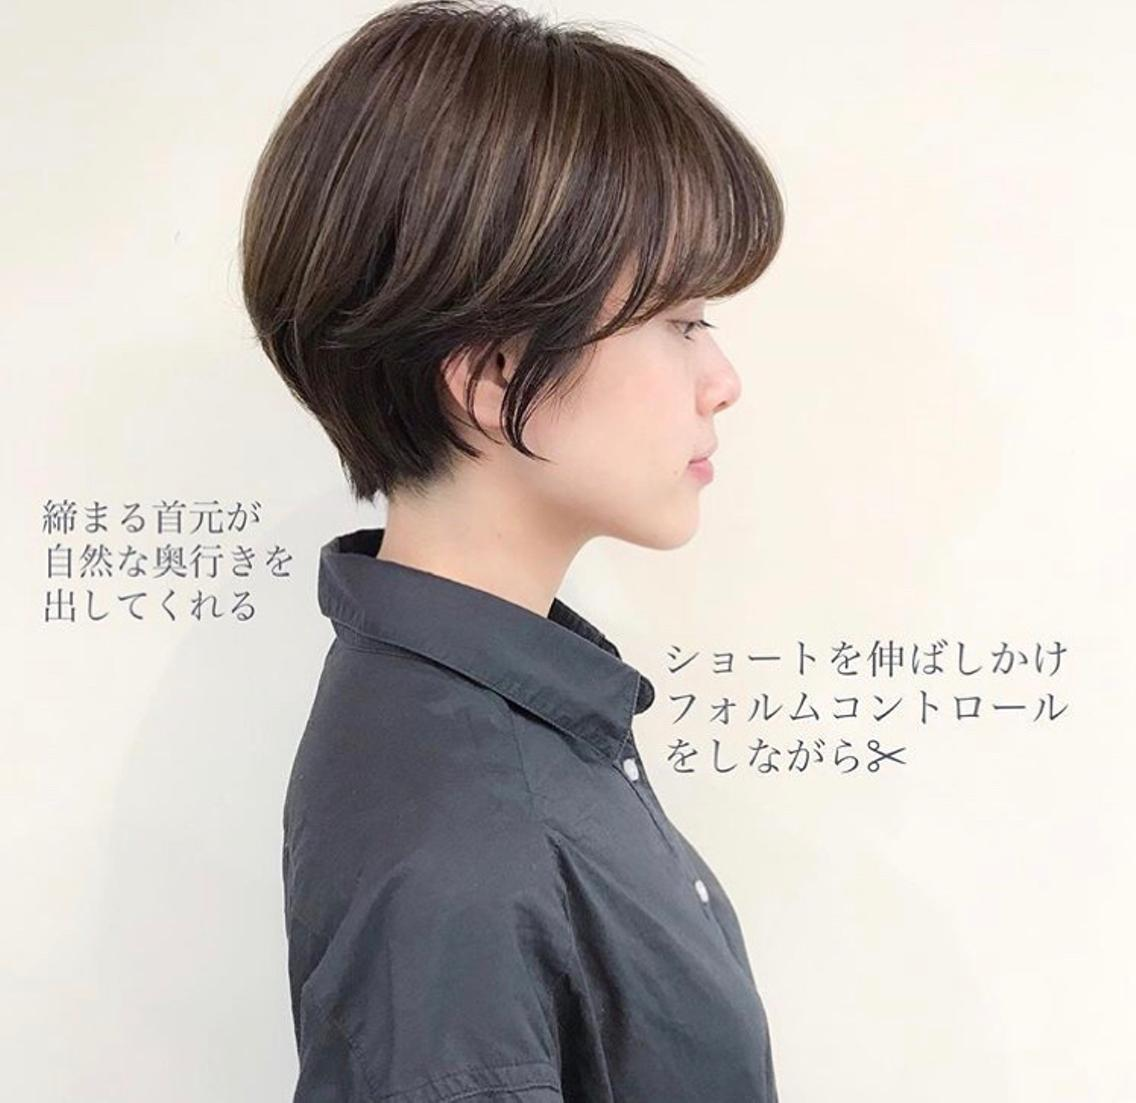 【トリートメント1000円✨】ボブブローモデル募集